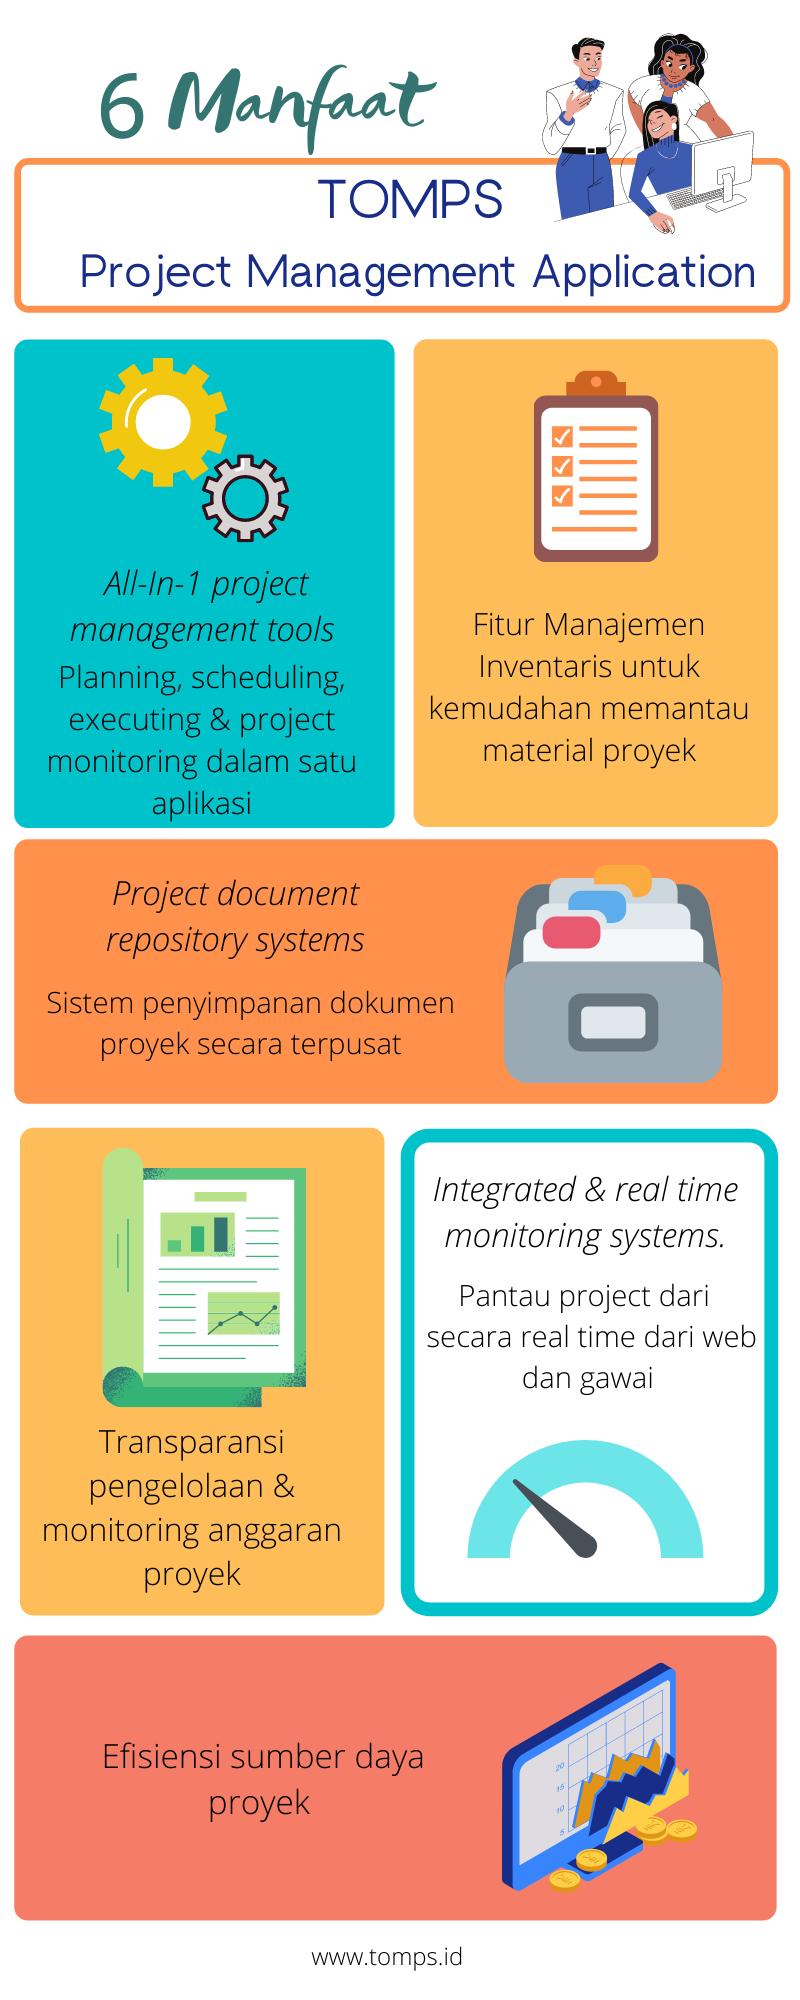 Infografis Tomps, aplikasi manajemen proyek